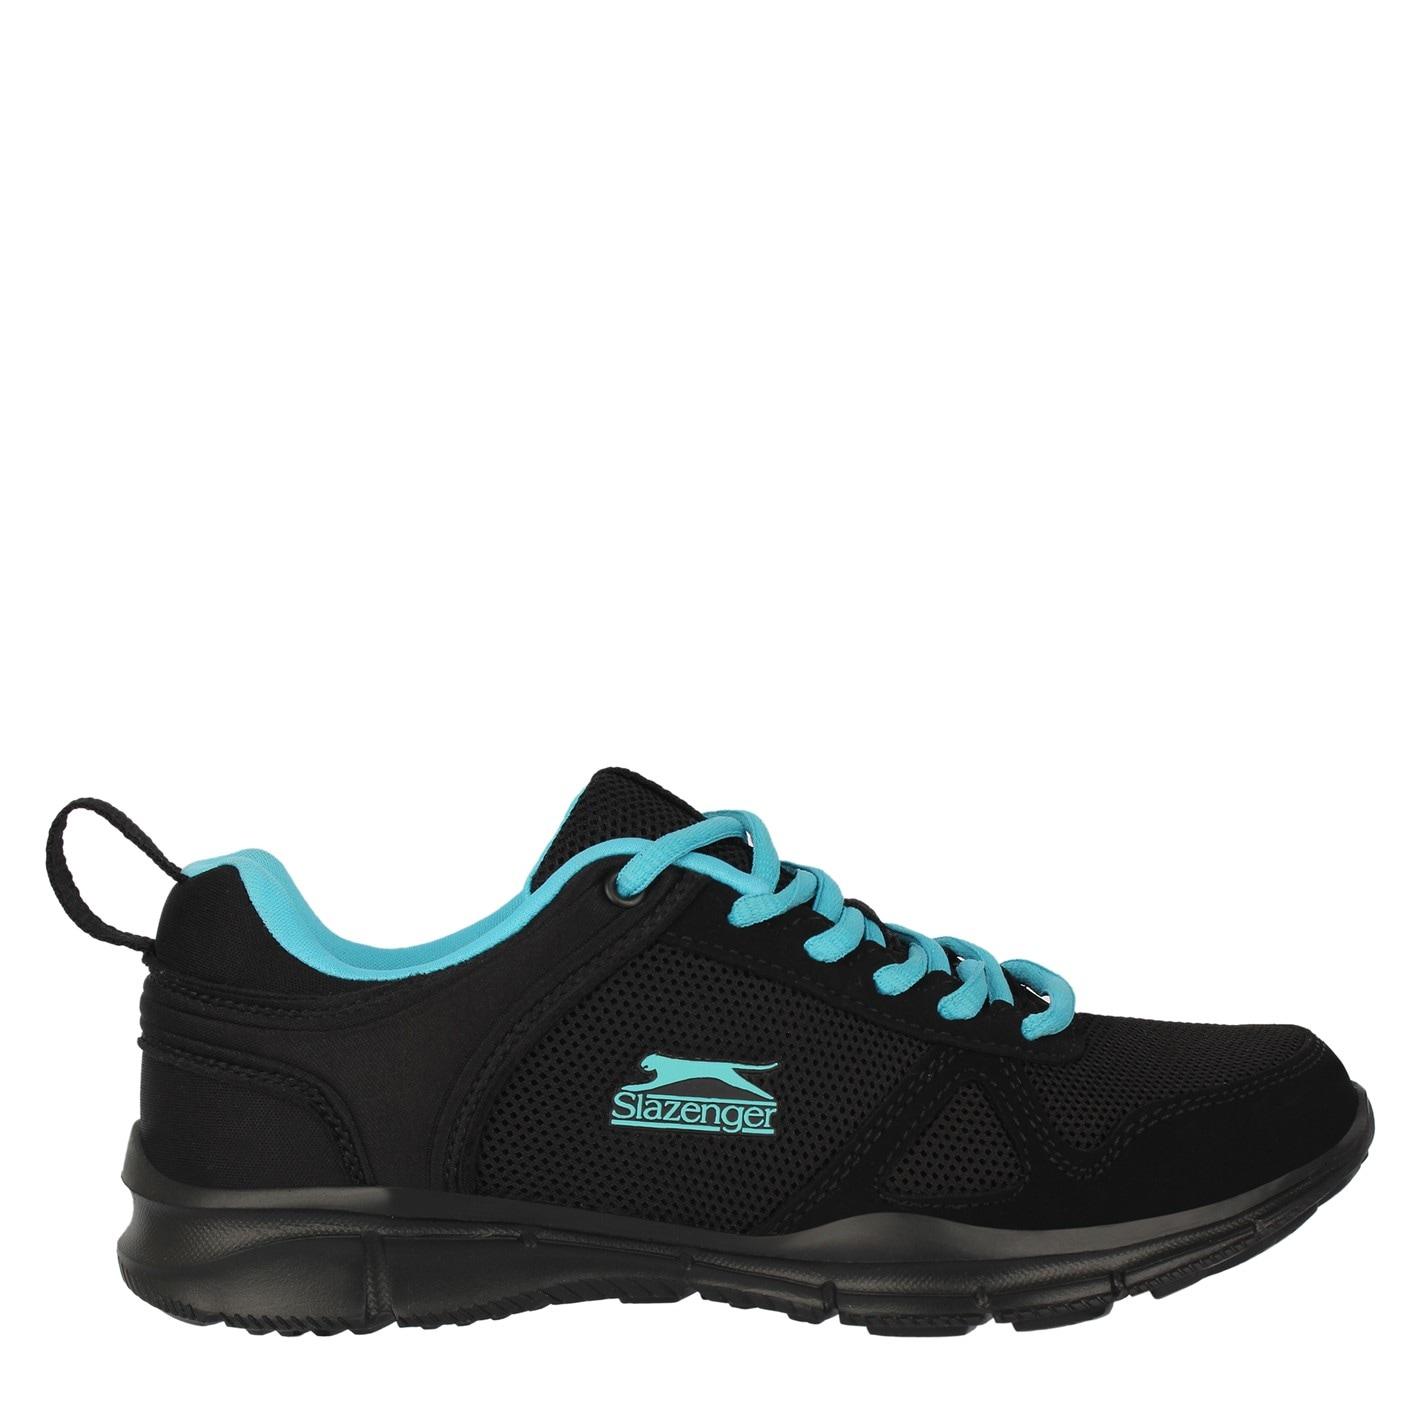 Slazenger Force Mesh dámské běžecké boty Black/Blue